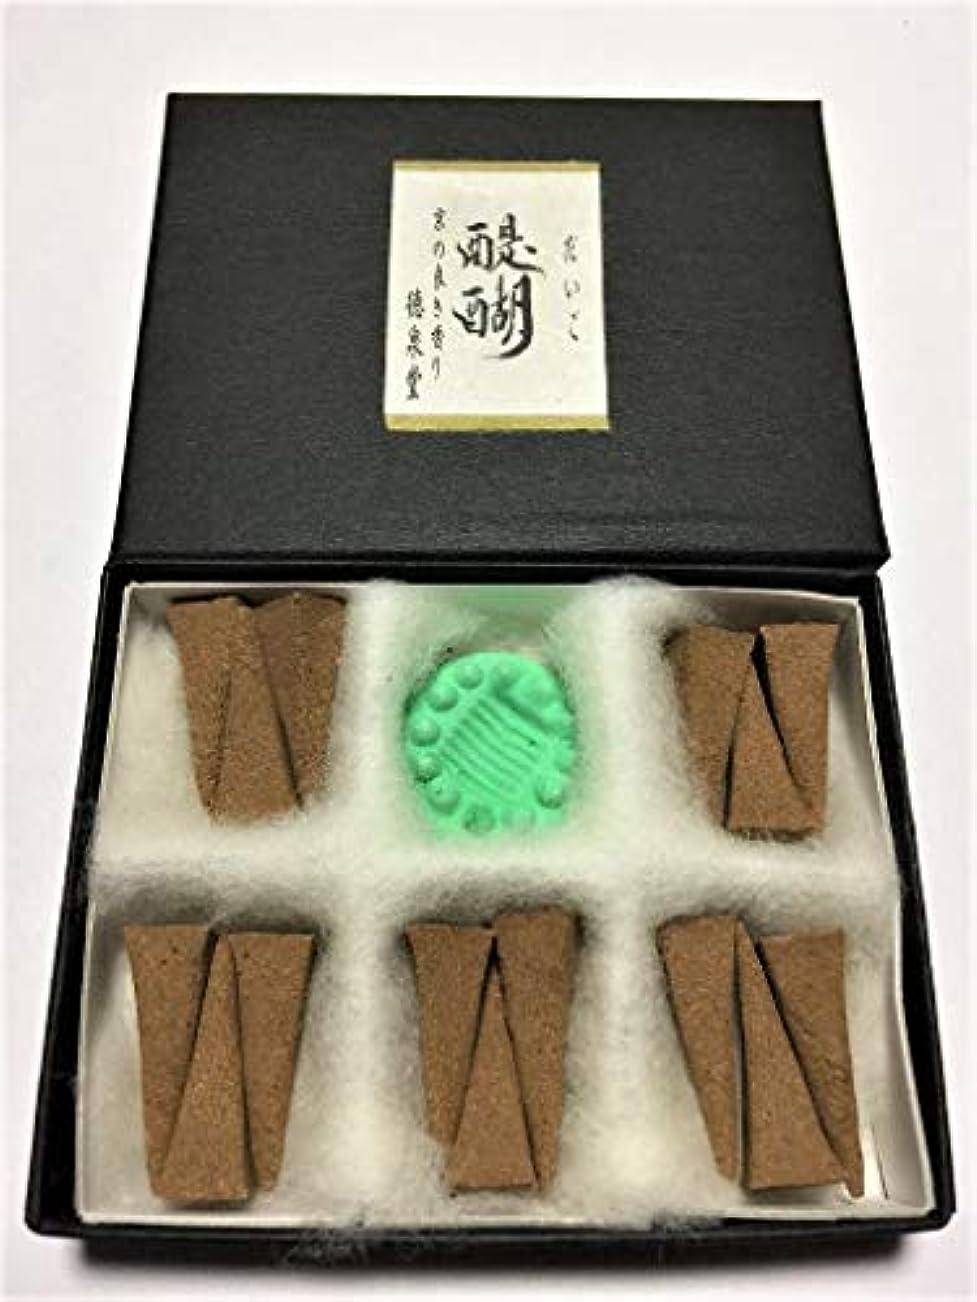 リマークいたずらなキャンパス醍醐(だいご)15ケ入り 天然材料のみで作ったお香 化学物質、無添加のお香